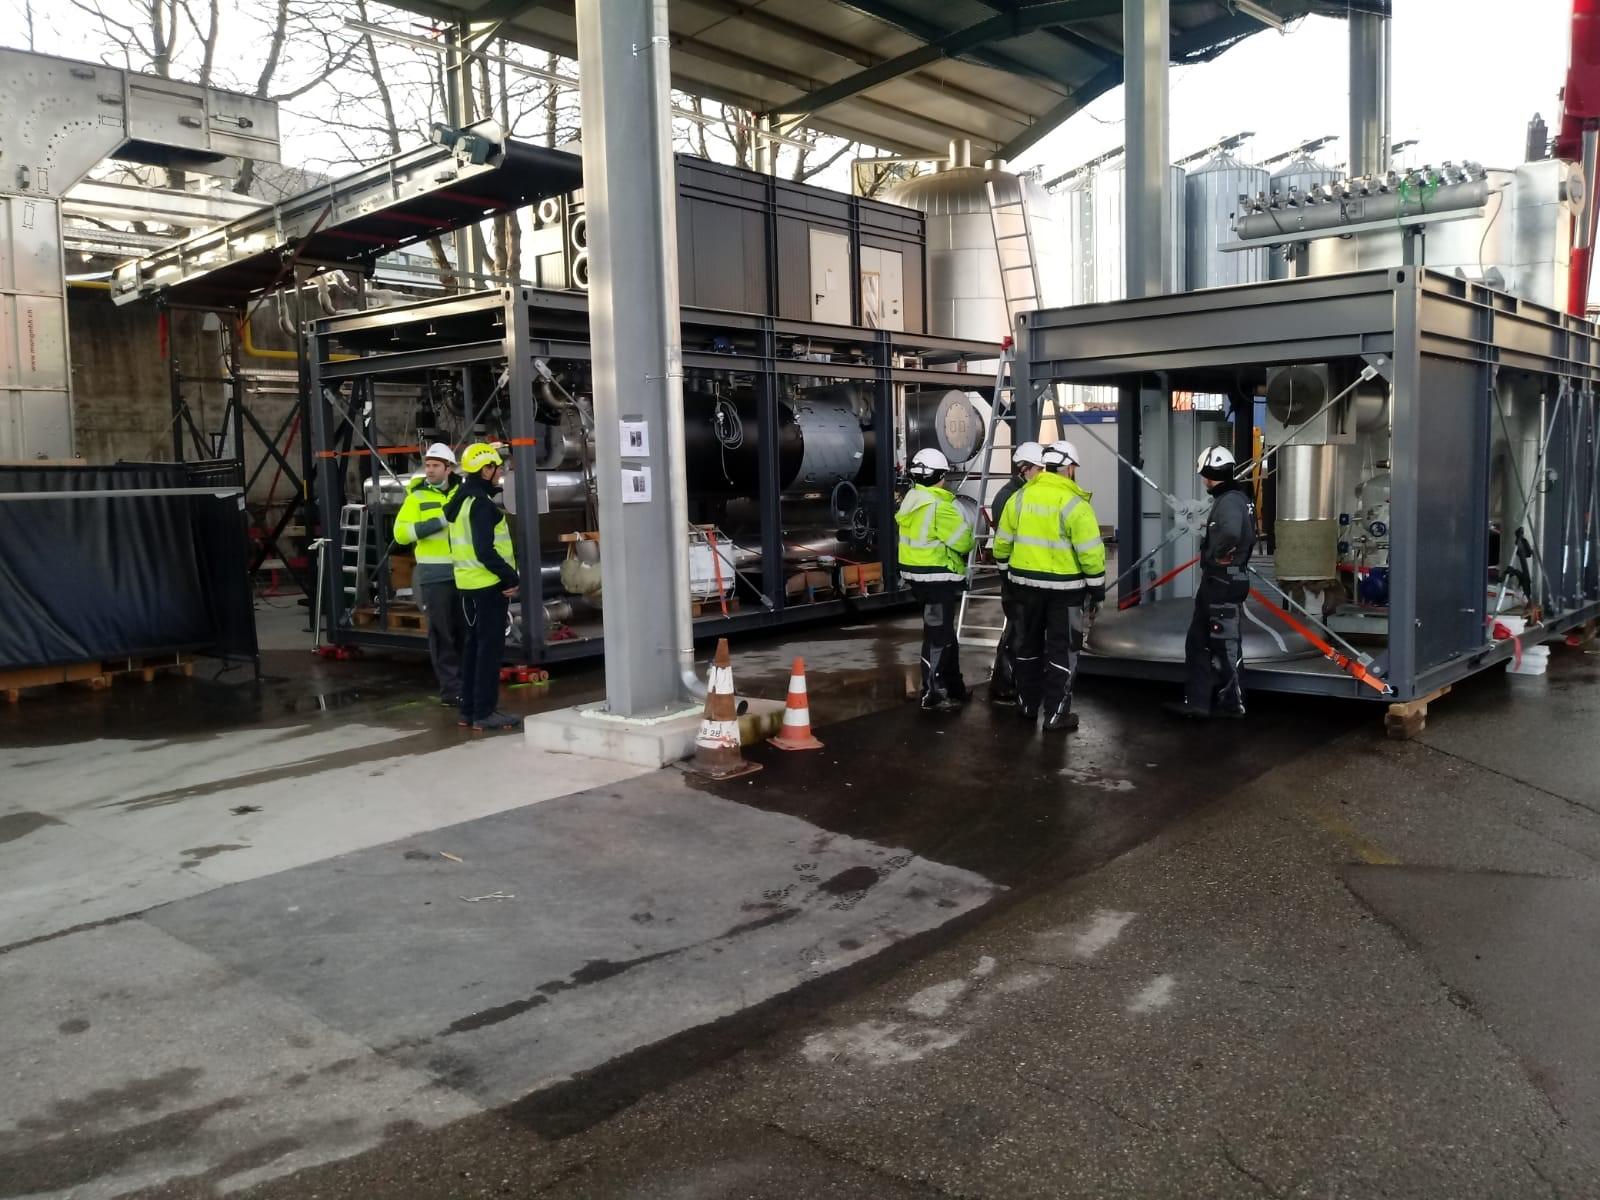 Bild Arbeiter Pyreg Außenaufnahme Unternehmen